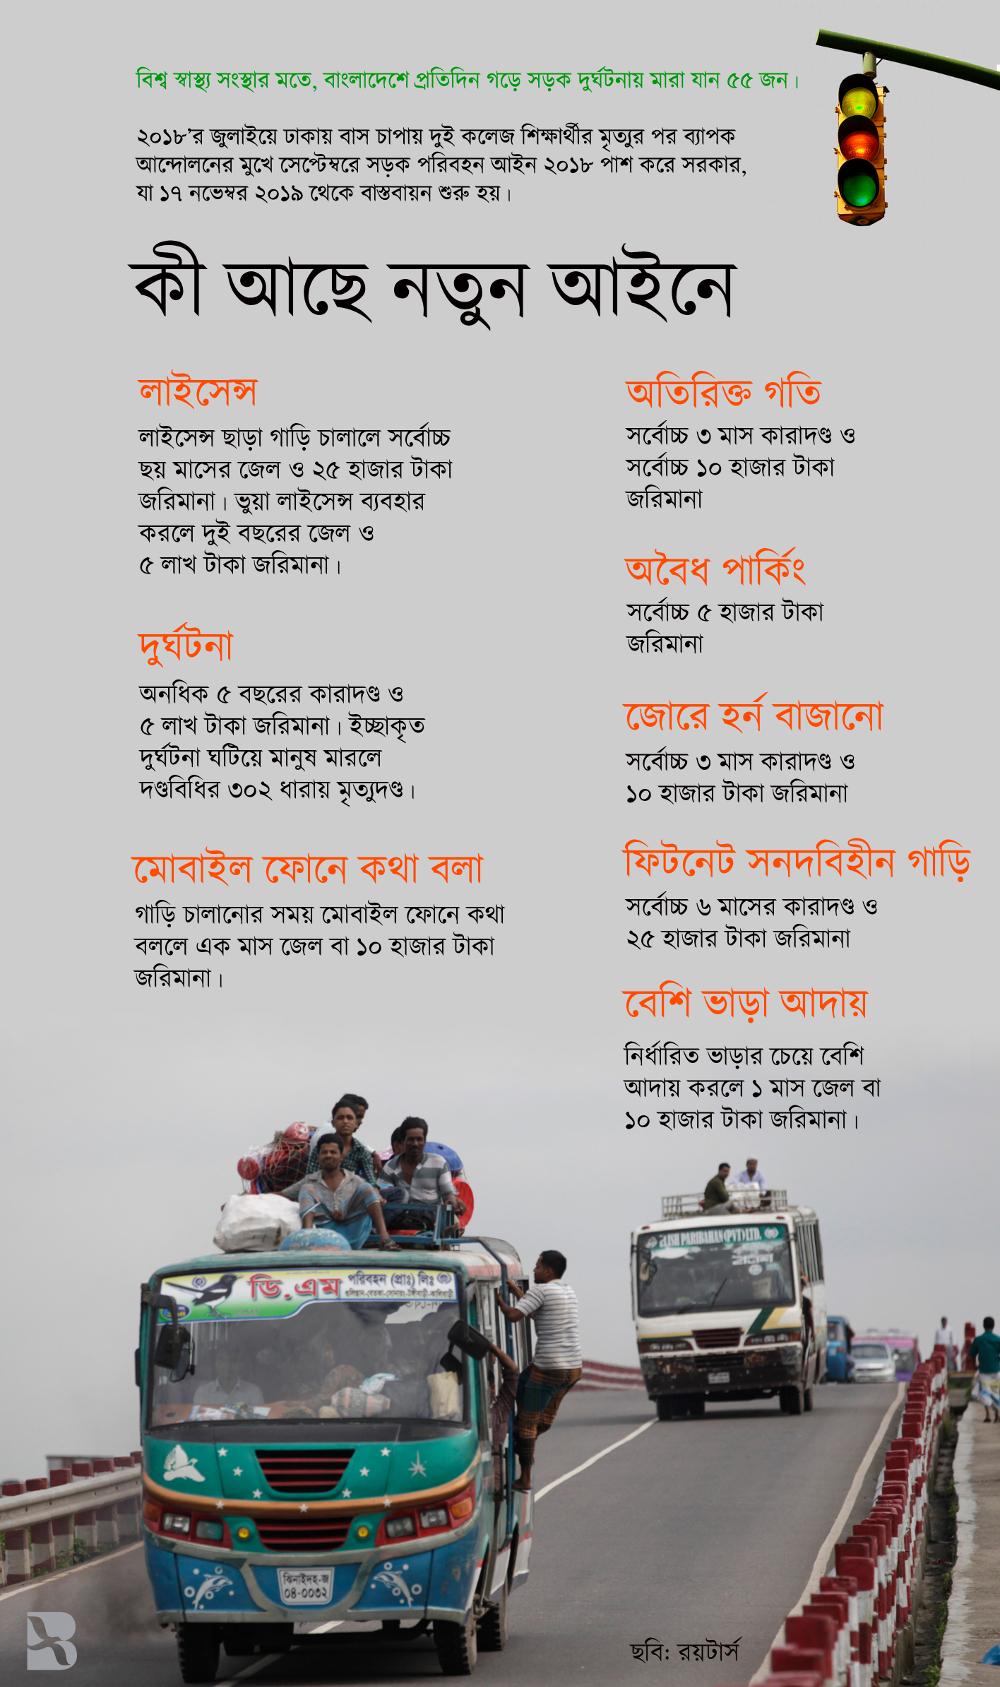 সড়ক পরিবহন আইন ২০১৮।